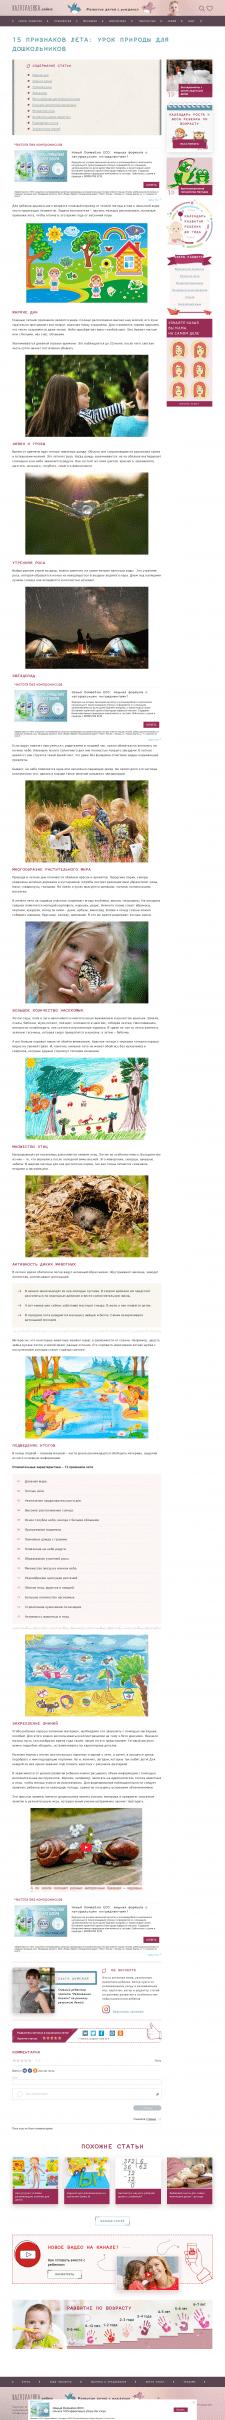 15 признаков лета: урок природы для дошкольников